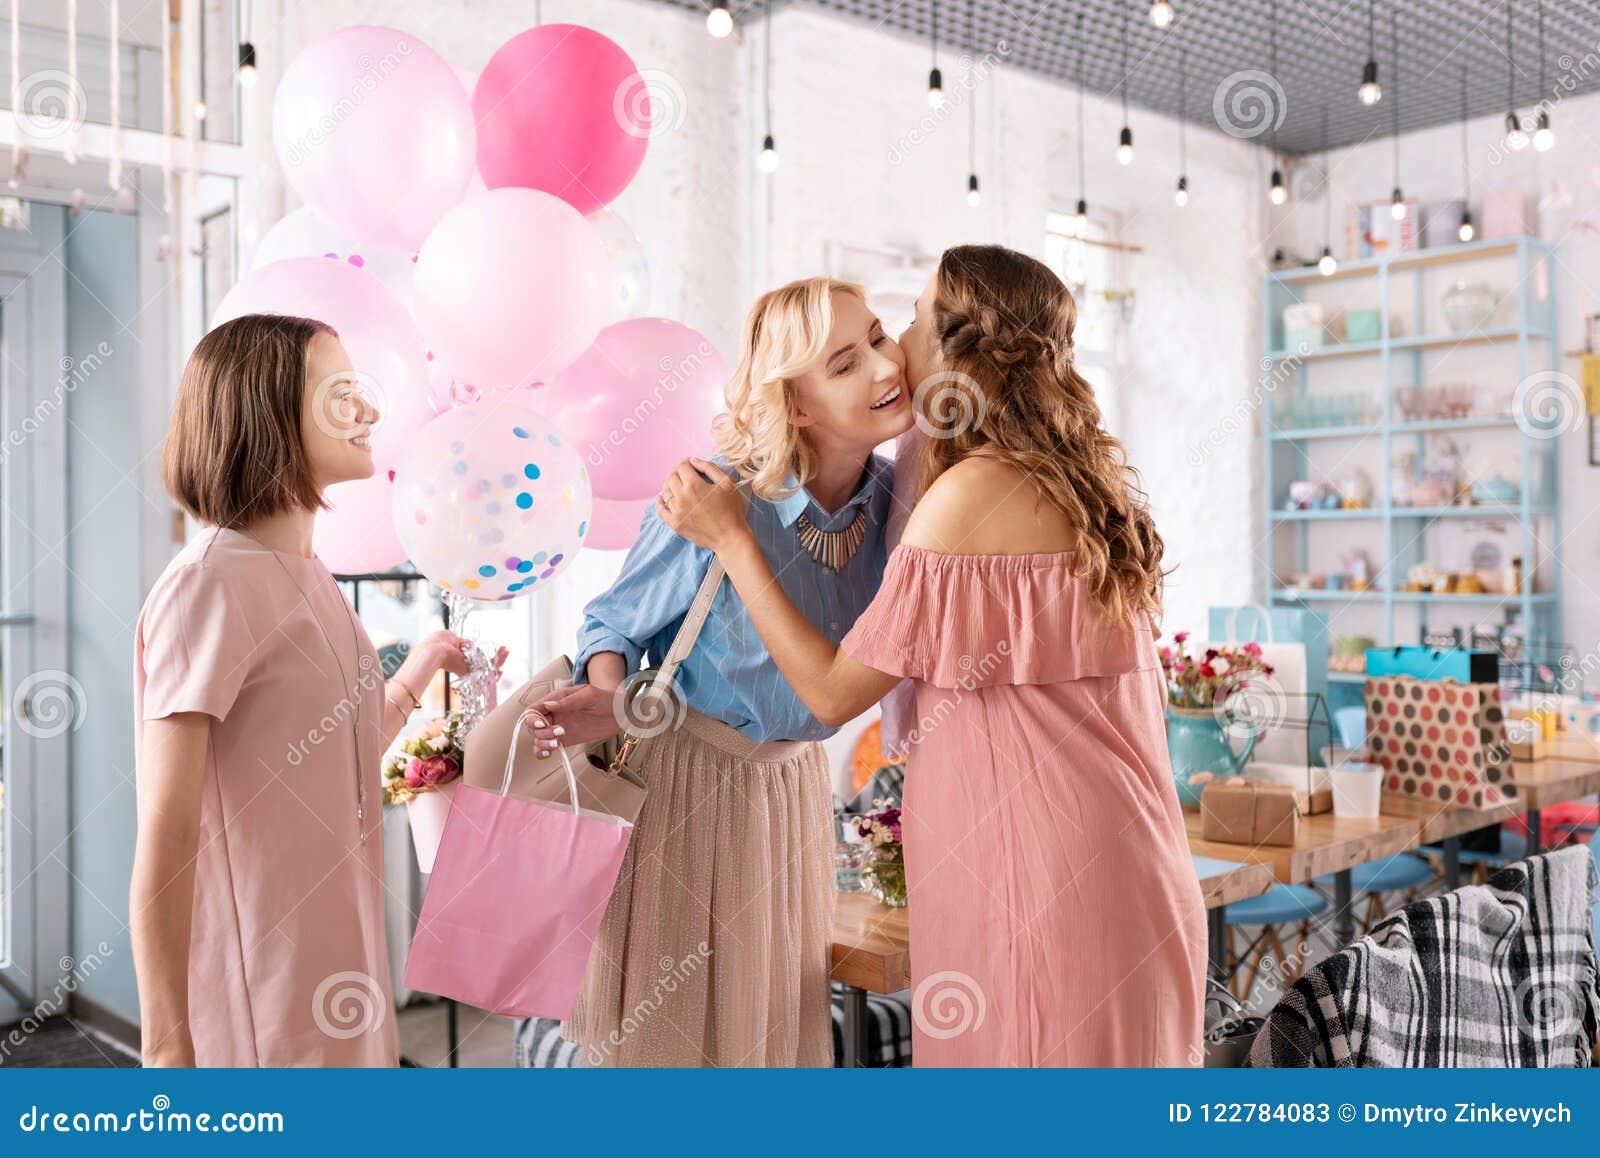 Dwa uśmiechniętej kobiety przychodzi wydarzenie agencja podczas gdy planujący dziecko prysznic